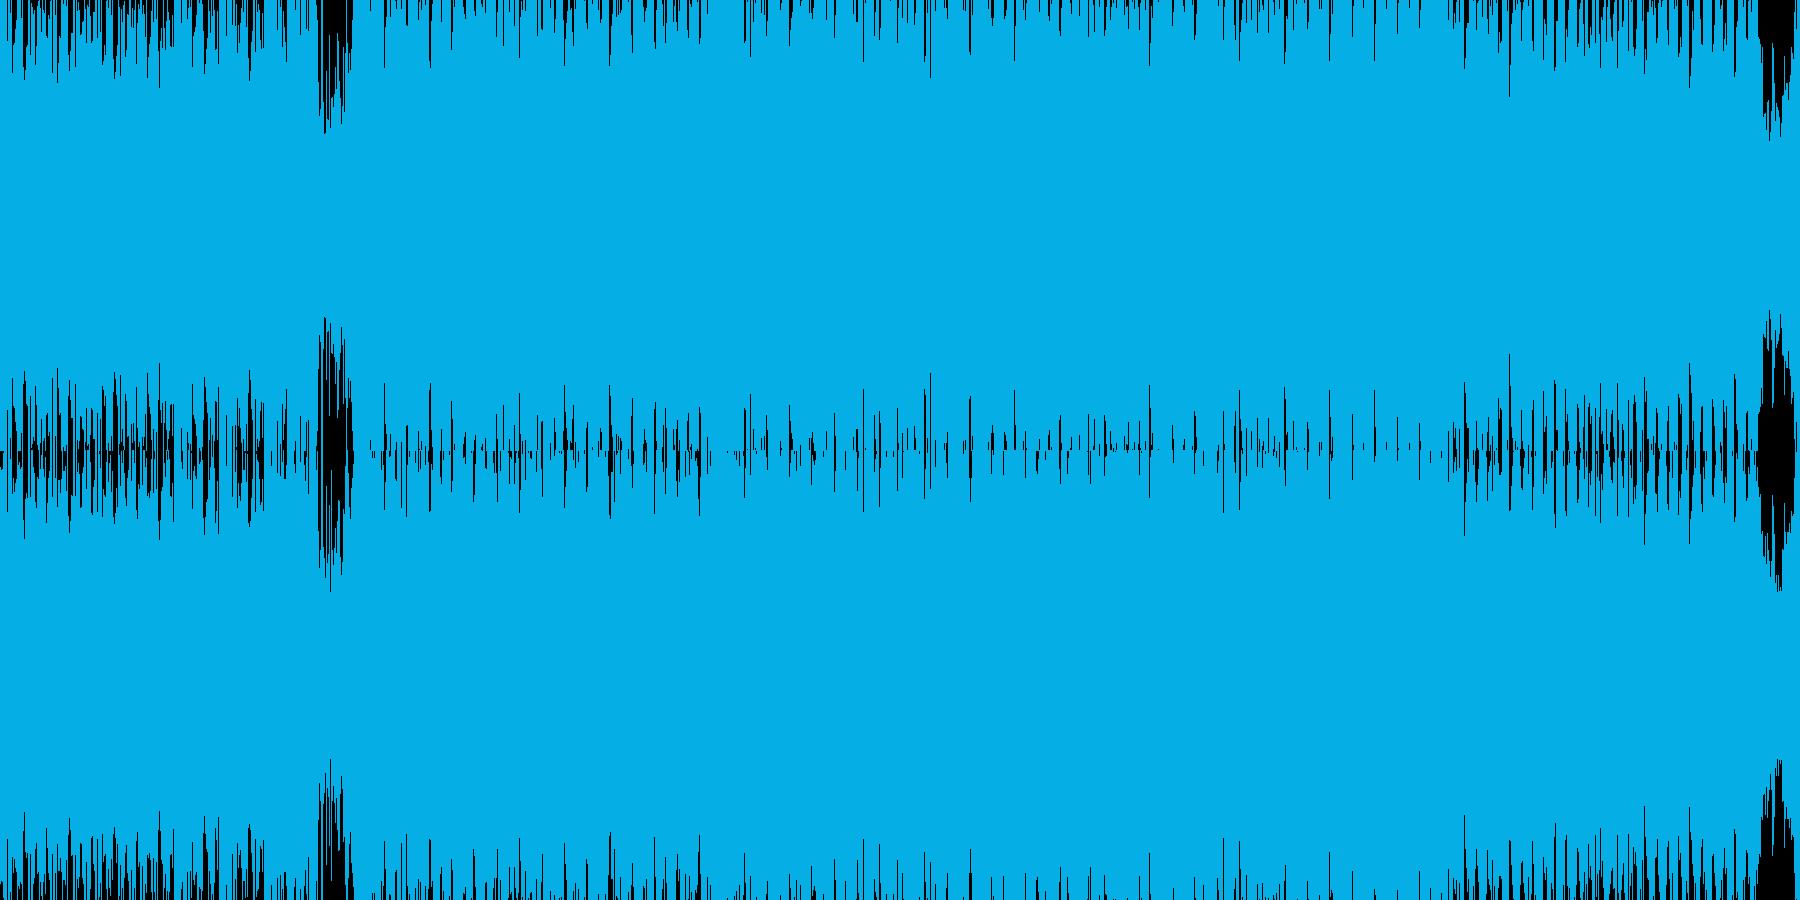 明るいハイスピードトランス【ループ素材】の再生済みの波形